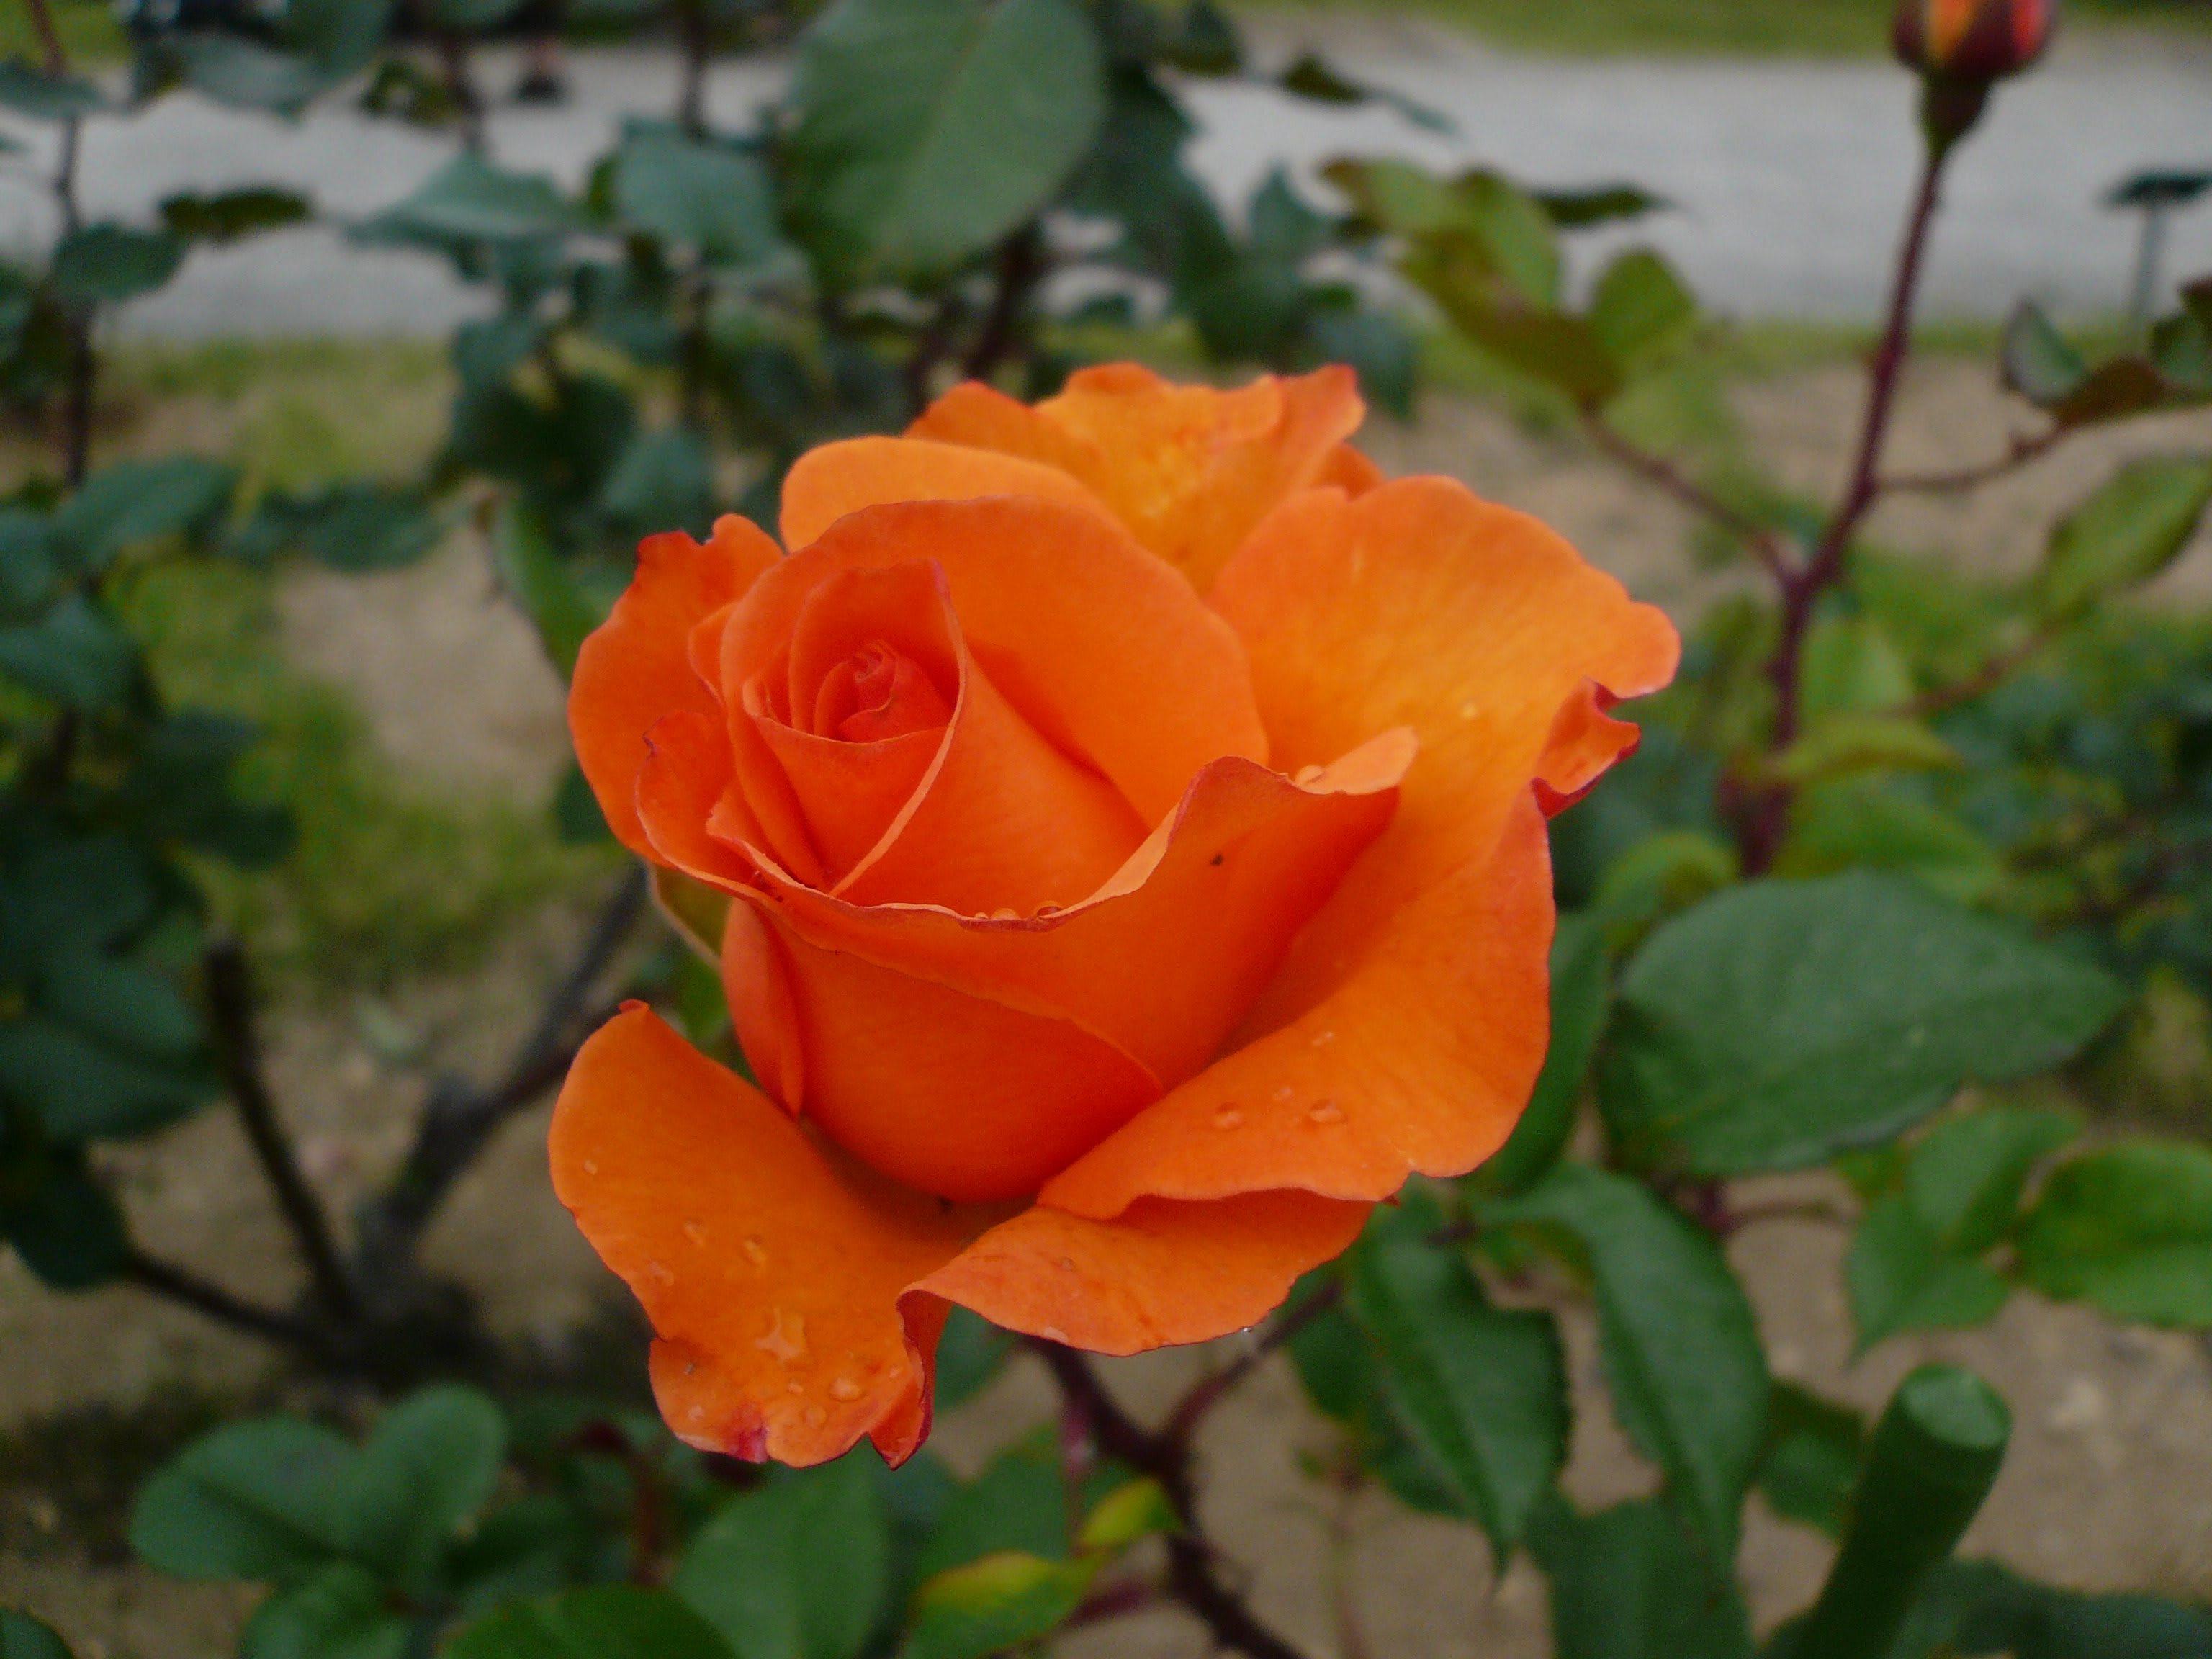 敷島公園 ばら園 の花 2009 3 上総の写真 クリックすると壁紙